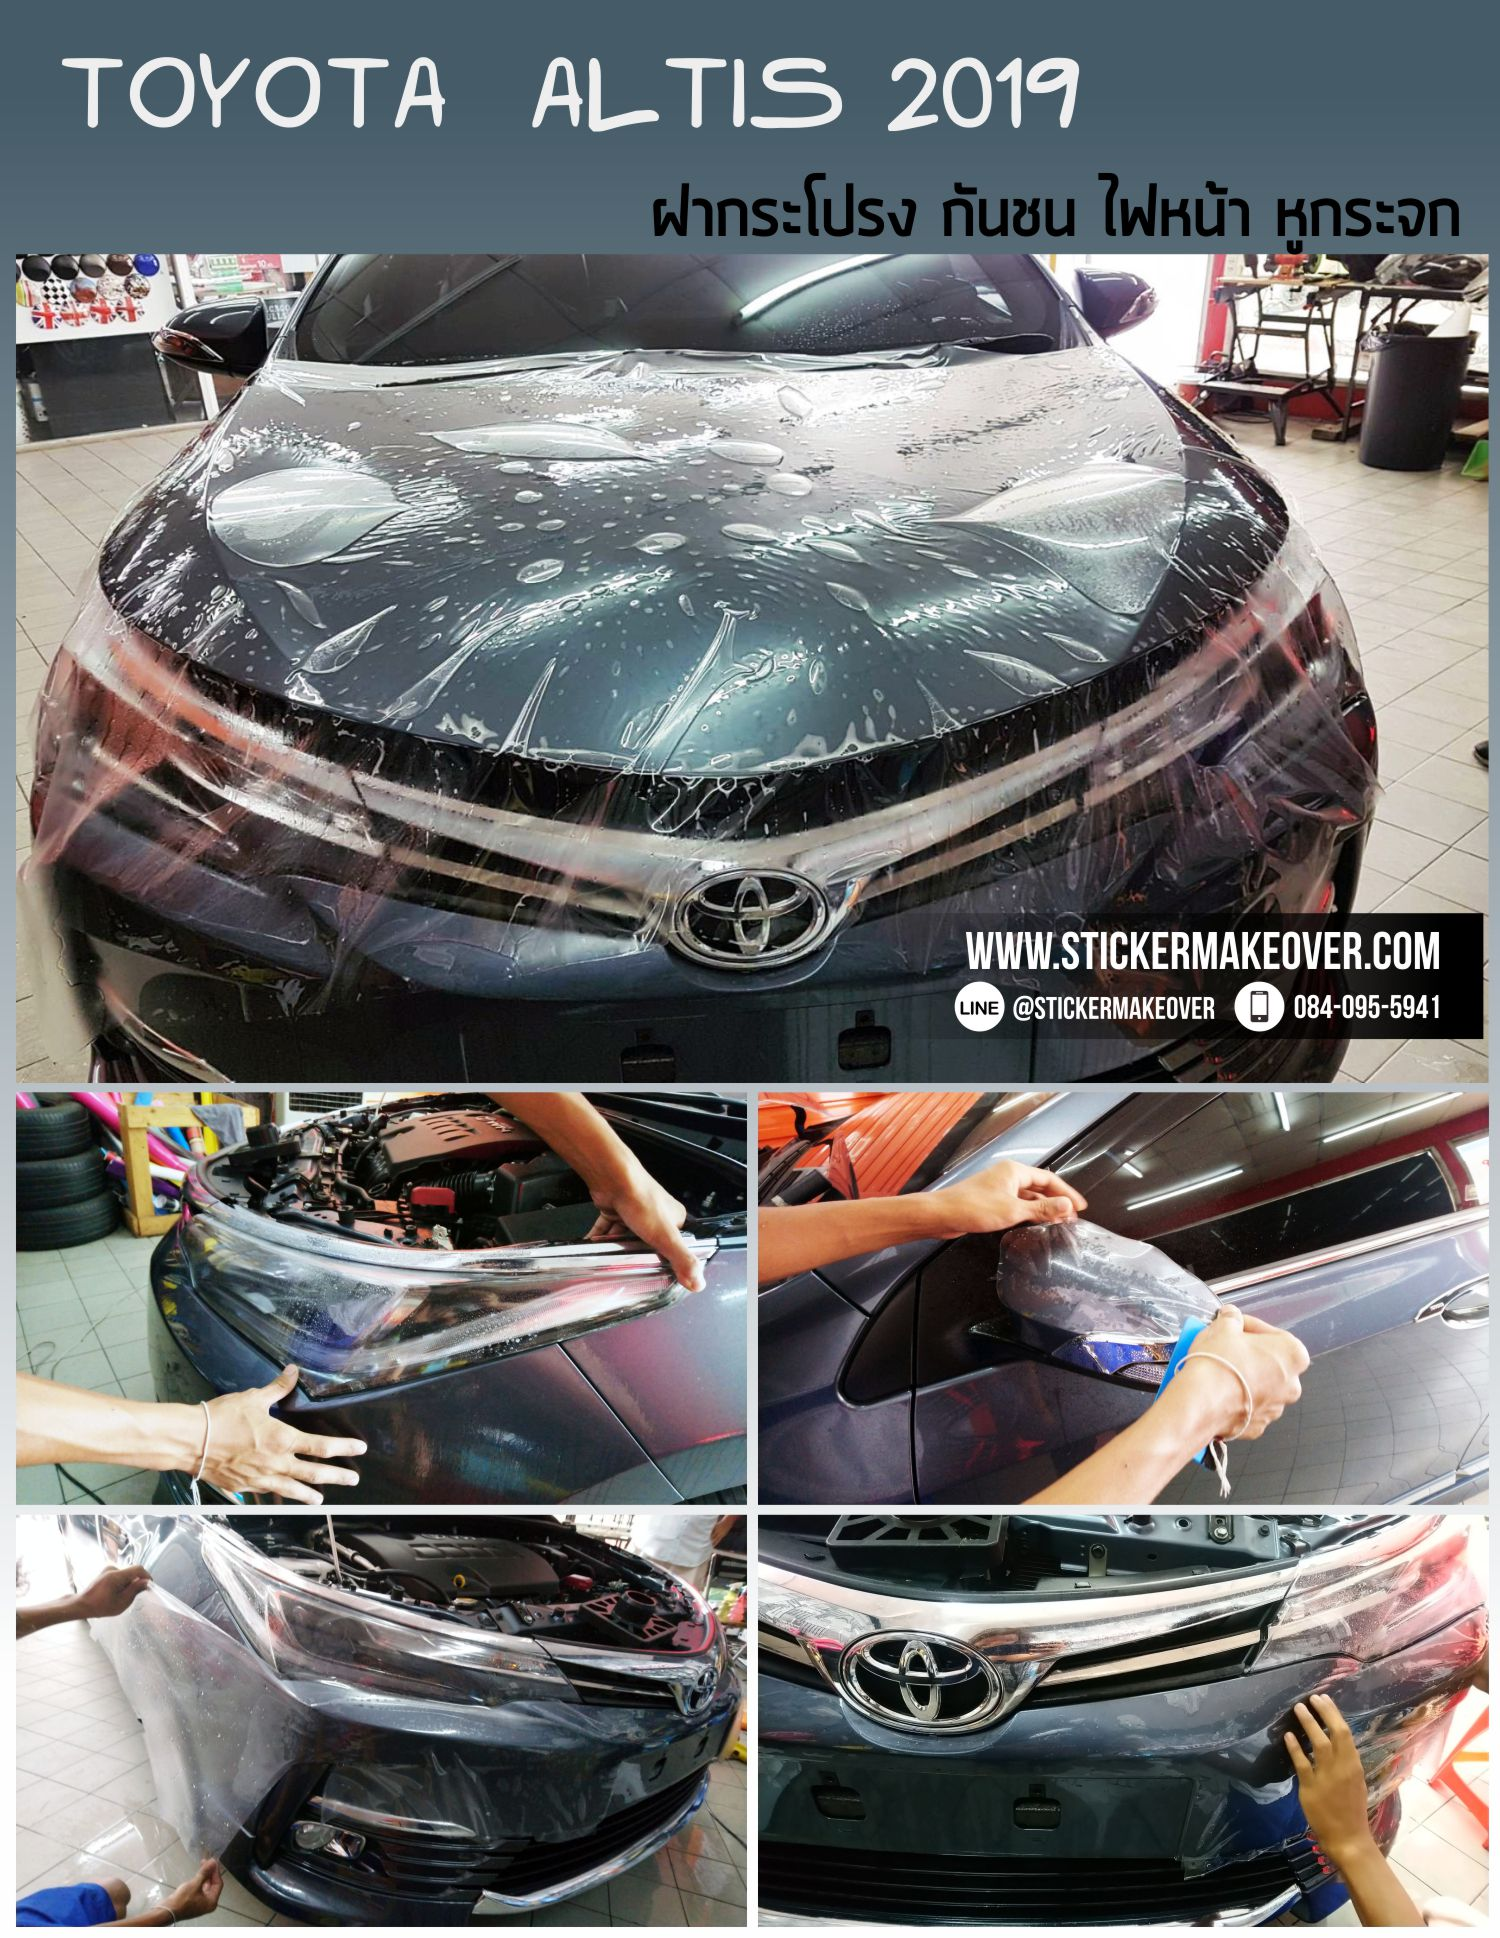 ฟิล์มใสกันรอยรถยนต์ ฟิล์มใสกันสะเก็ดหิน ฟิล์มปกป้องสีรถ paint protection film ppf toyota altis2019